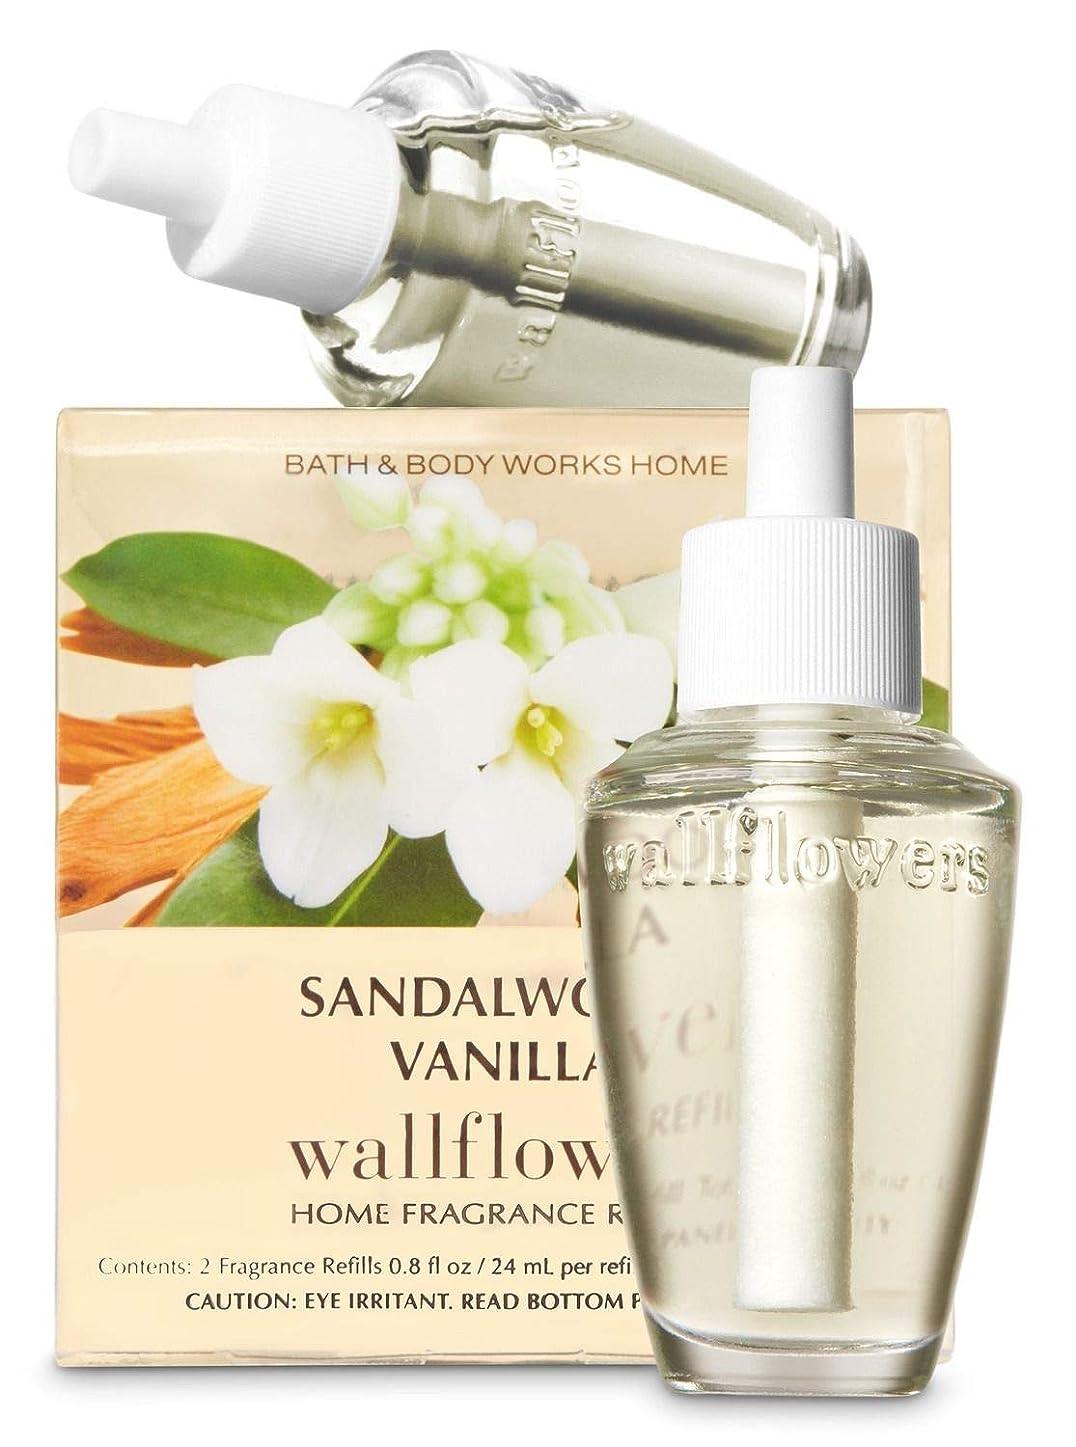 ポンプ小包レンディション【Bath&Body Works/バス&ボディワークス】 ルームフレグランス 詰替えリフィル(2個入り) サンダルウッドバニラ Wallflowers Home Fragrance 2-Pack Refills Sandalwood Vanilla [並行輸入品]